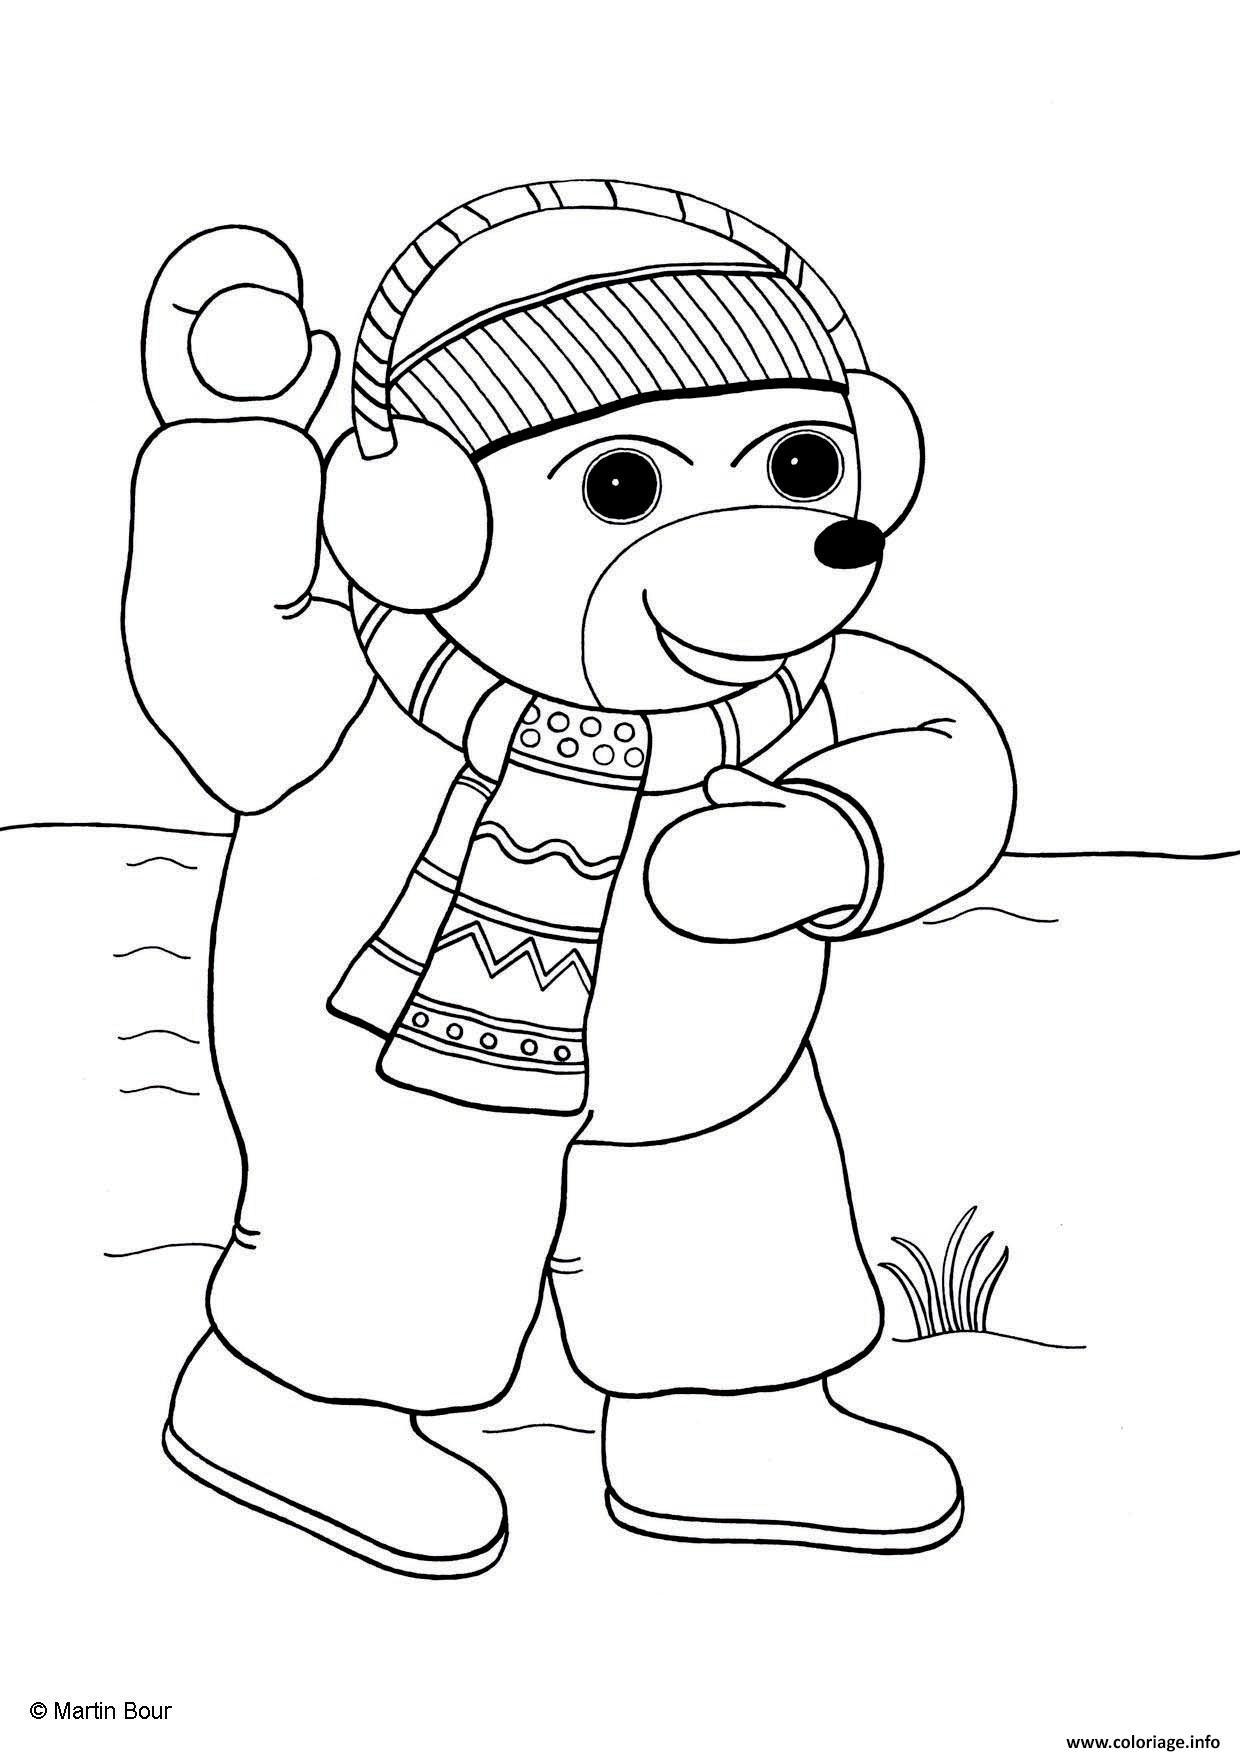 Dessin Petit Ours lance une boule de neige page 001 Coloriage Gratuit à Imprimer